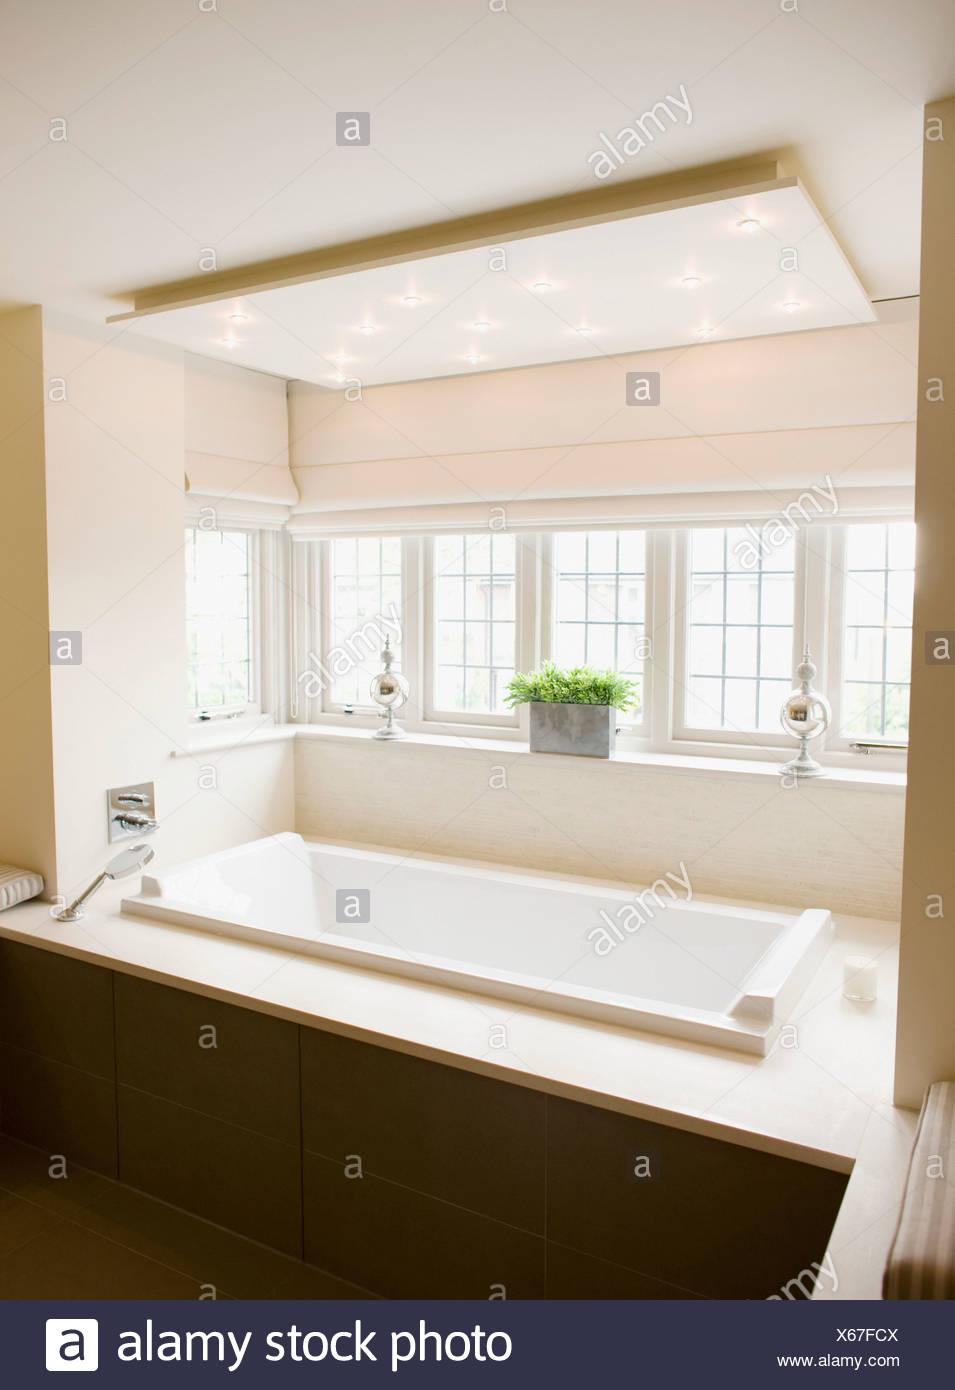 Interno di bagno moderno e di una vasca da bagno Foto & Immagine ...